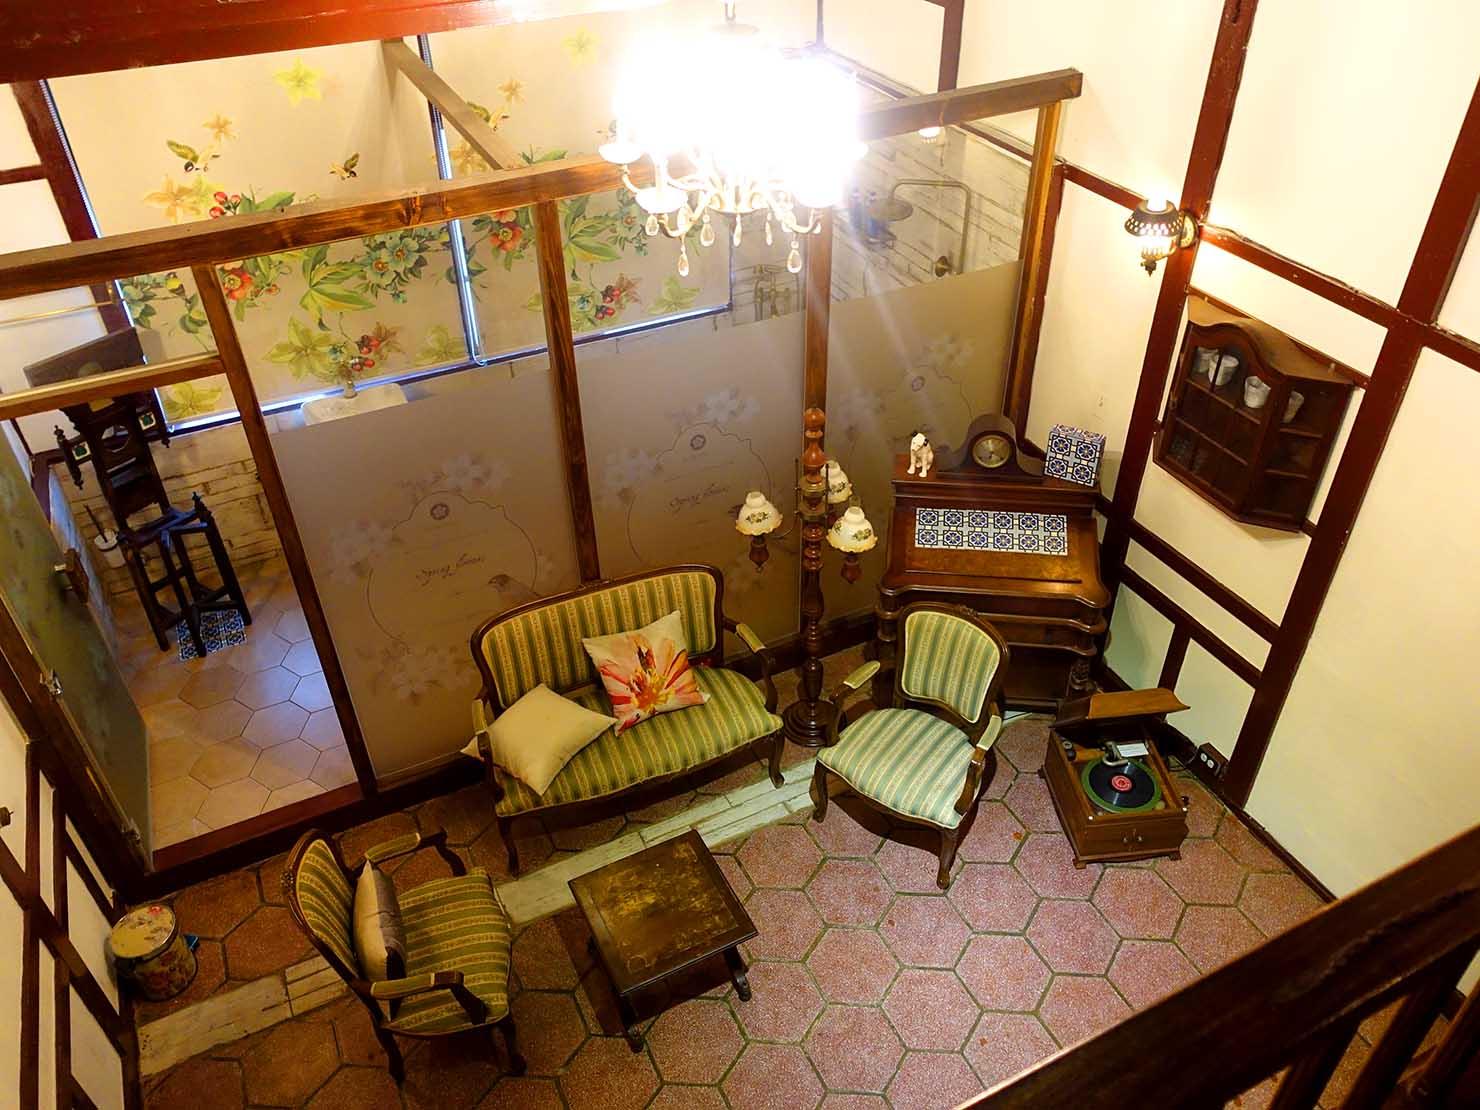 嘉義のおすすめ観光スポット「台灣花磚博物館」2Fのお部屋